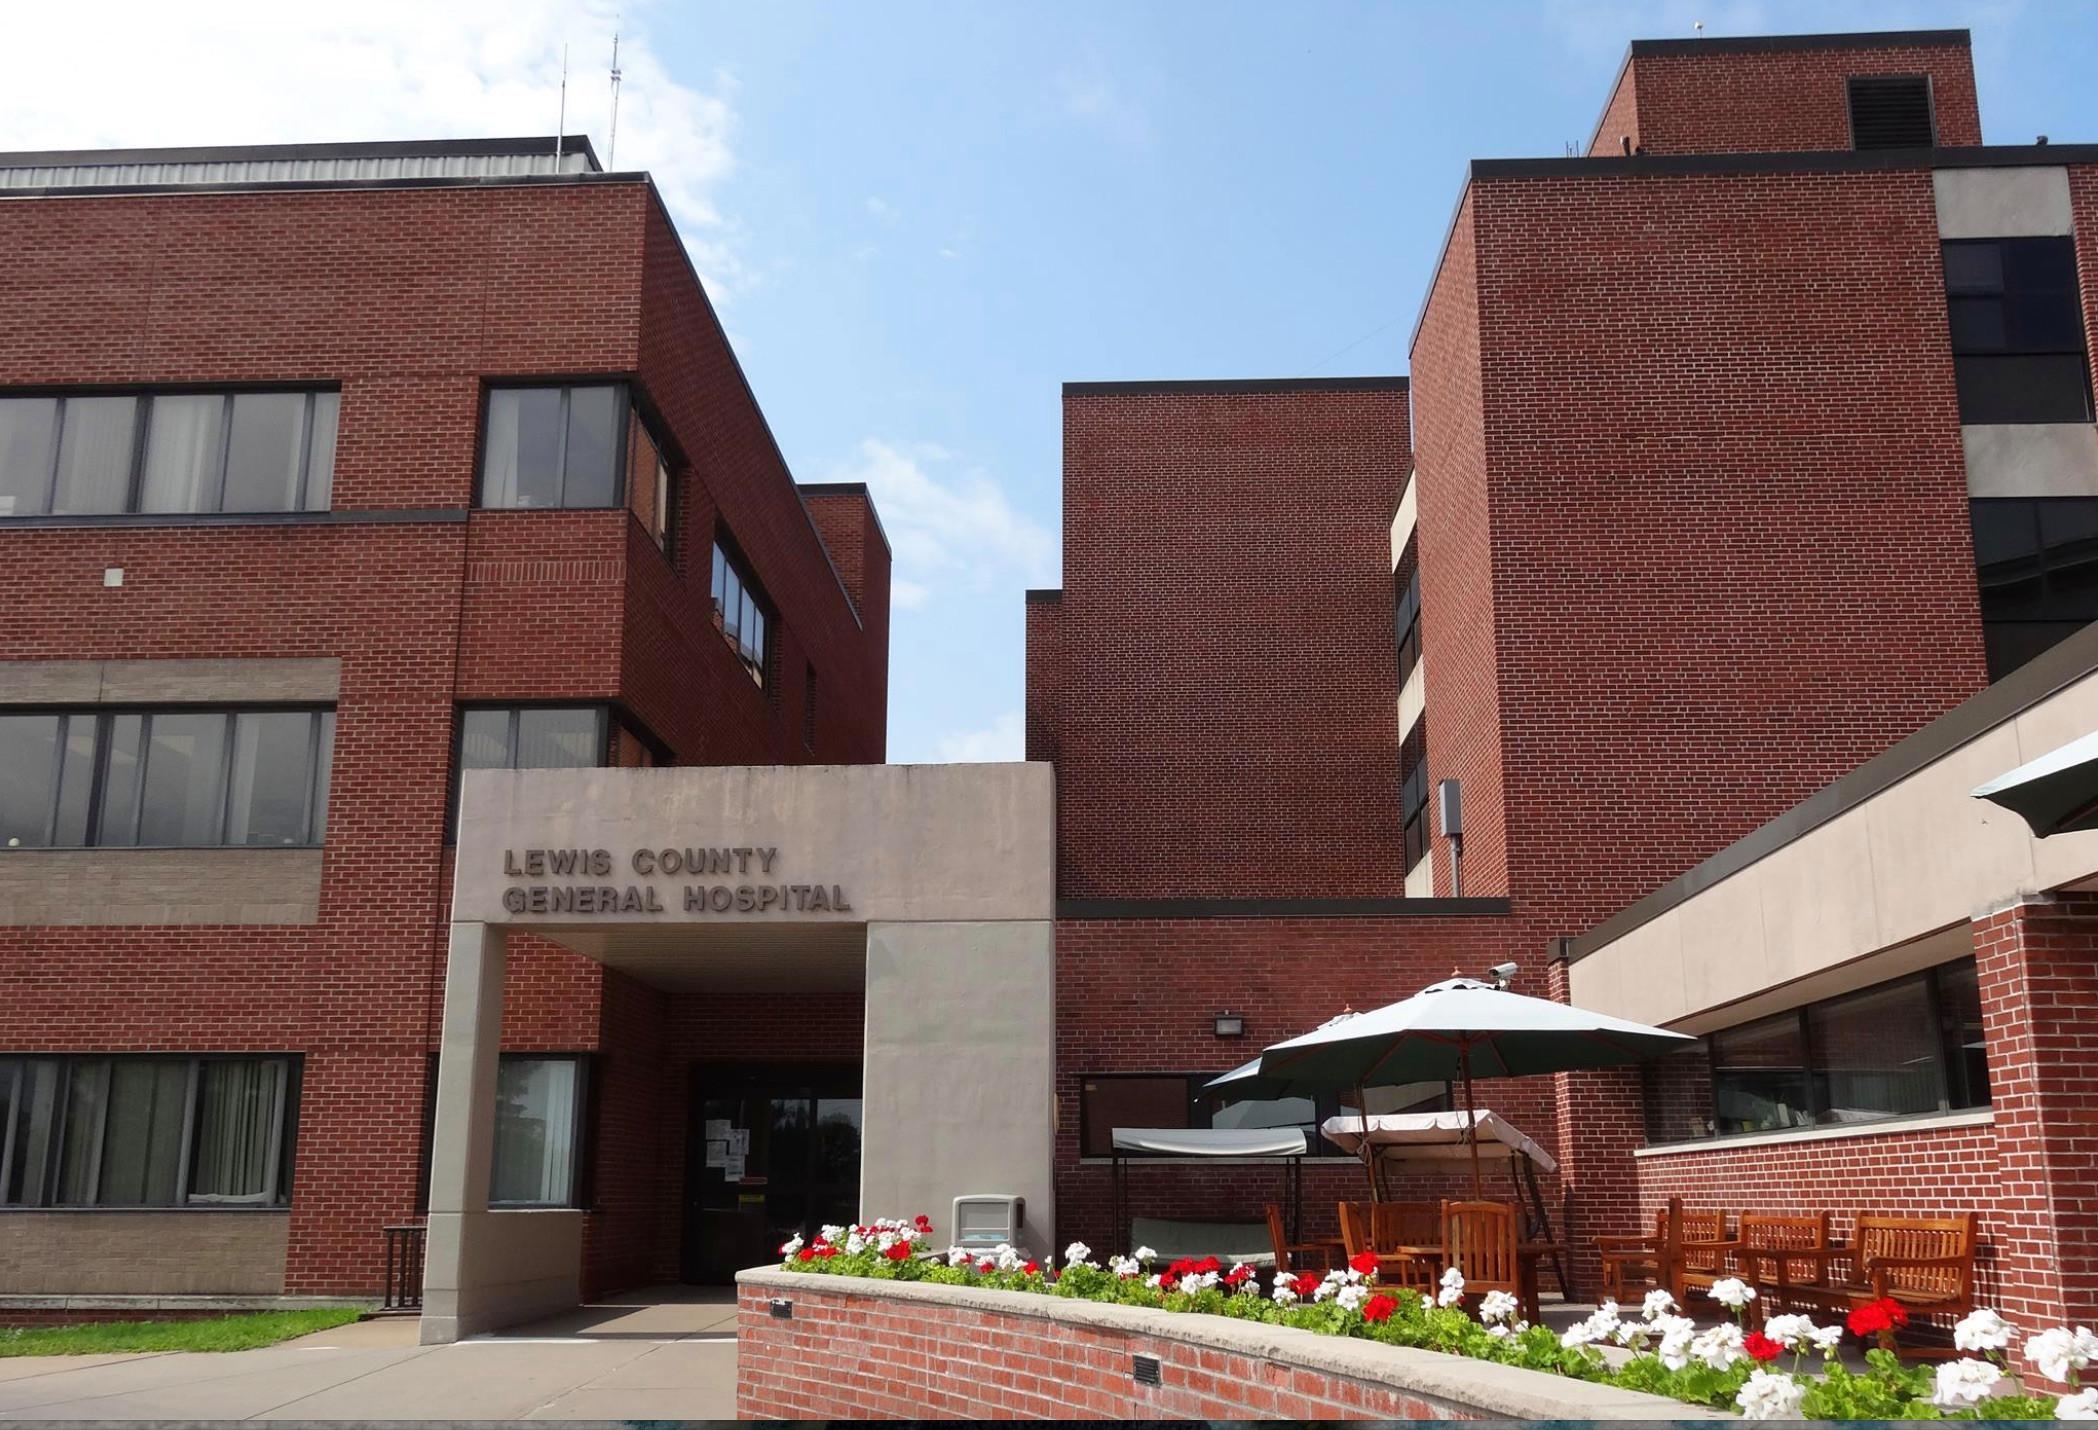 美国一医院产科员工拒绝接种疫苗纷纷辞职 院方宣布将停止接生